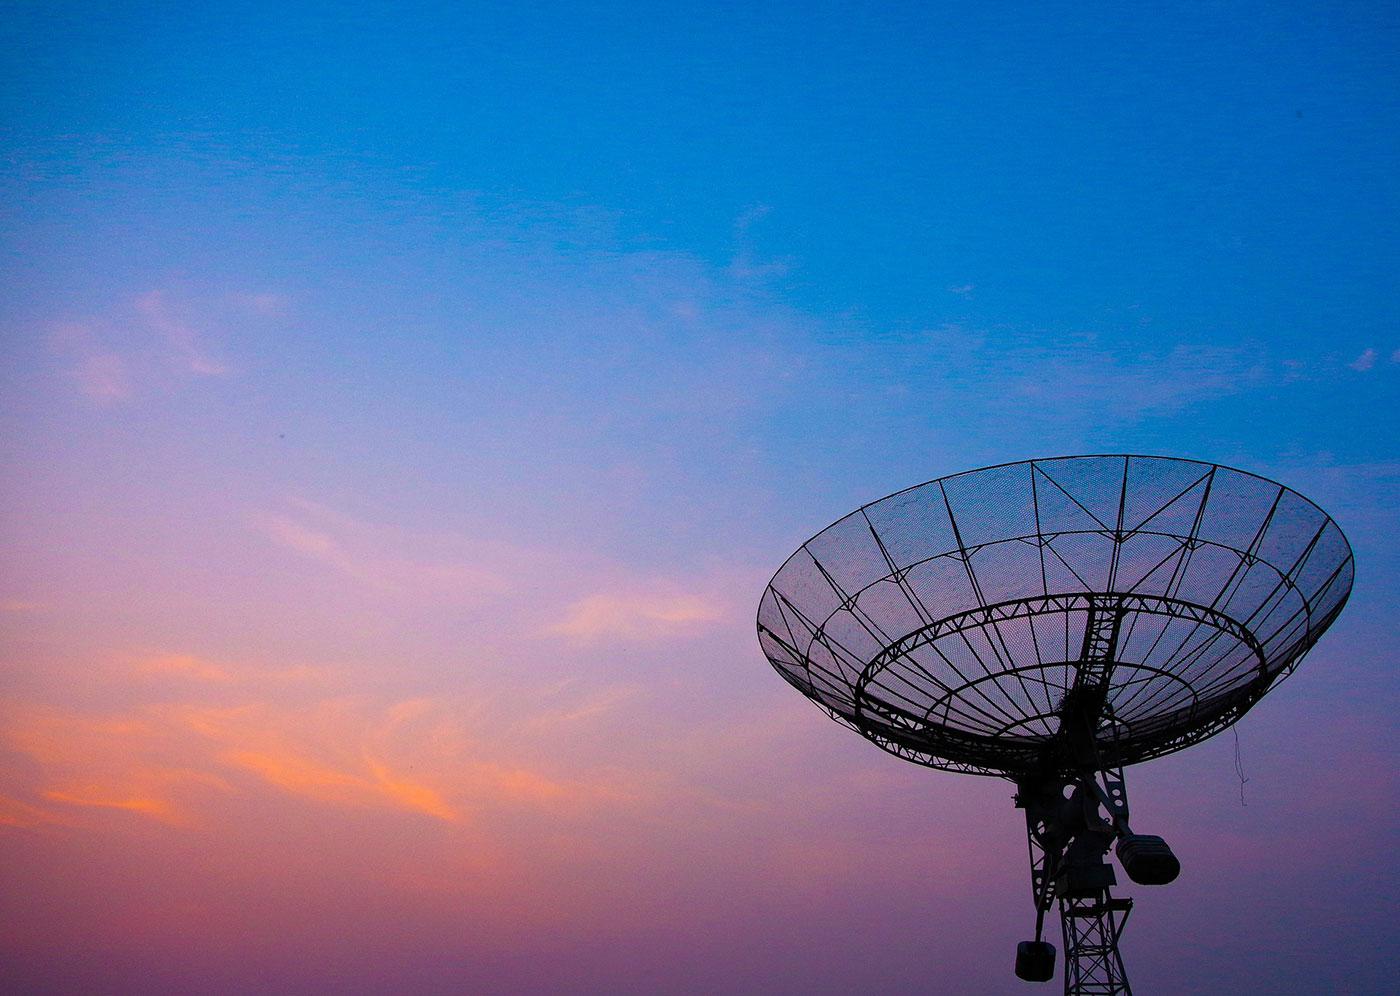 Radar dish at dusk